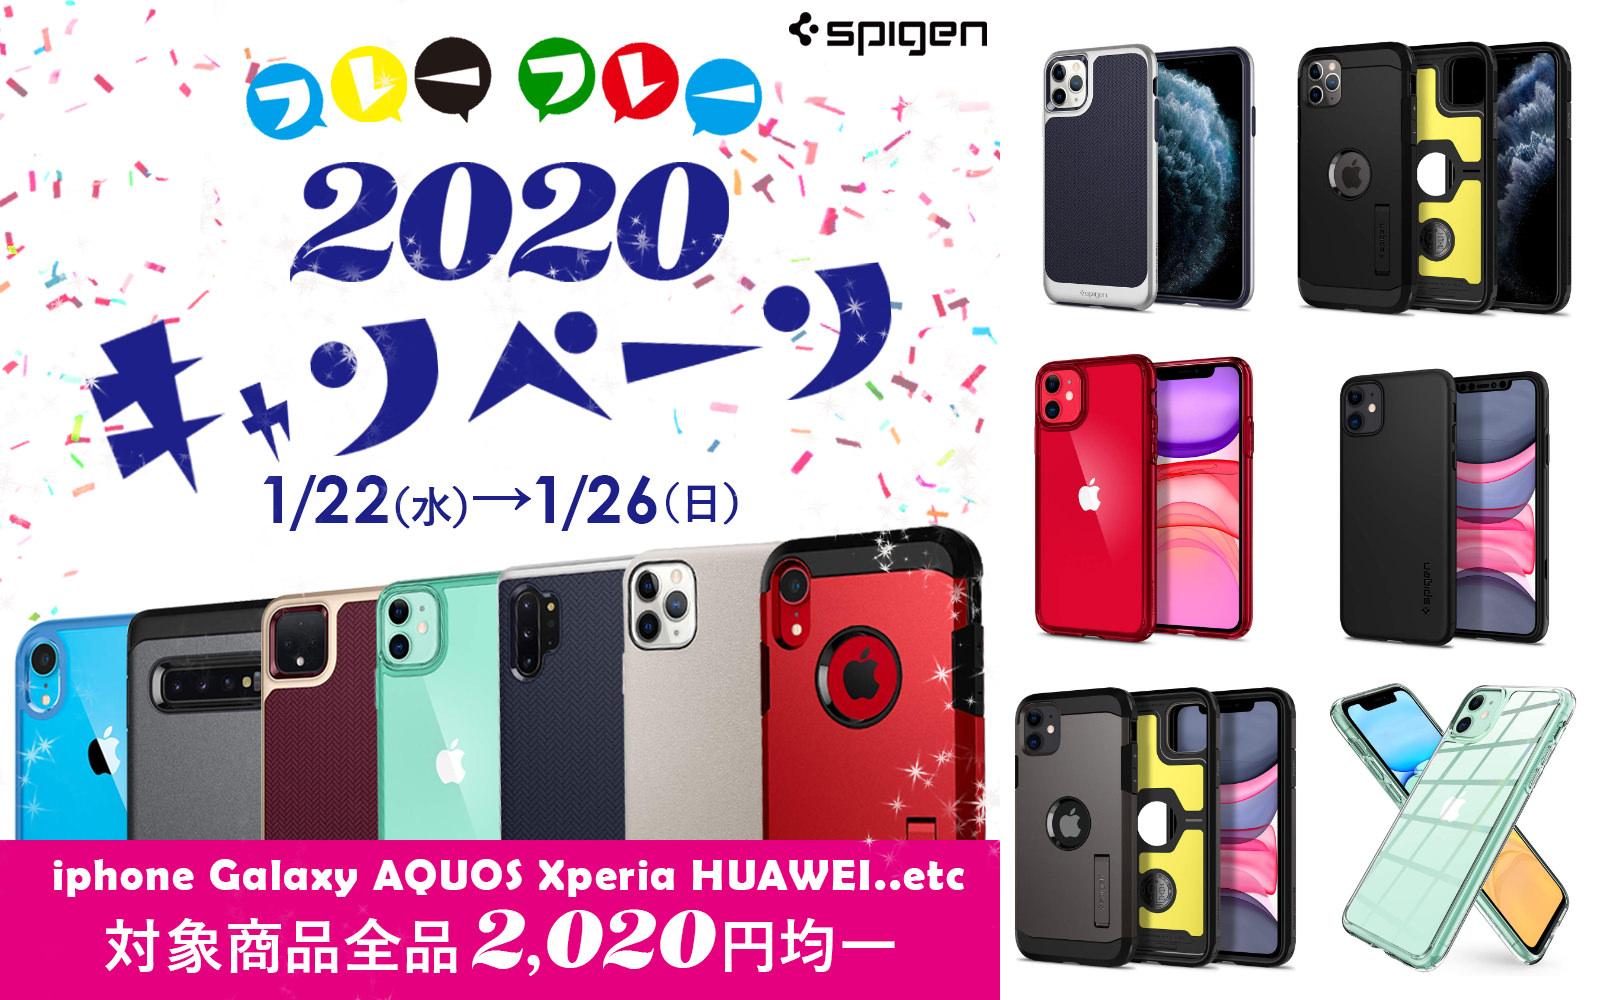 Spigen 2020 campaign sale